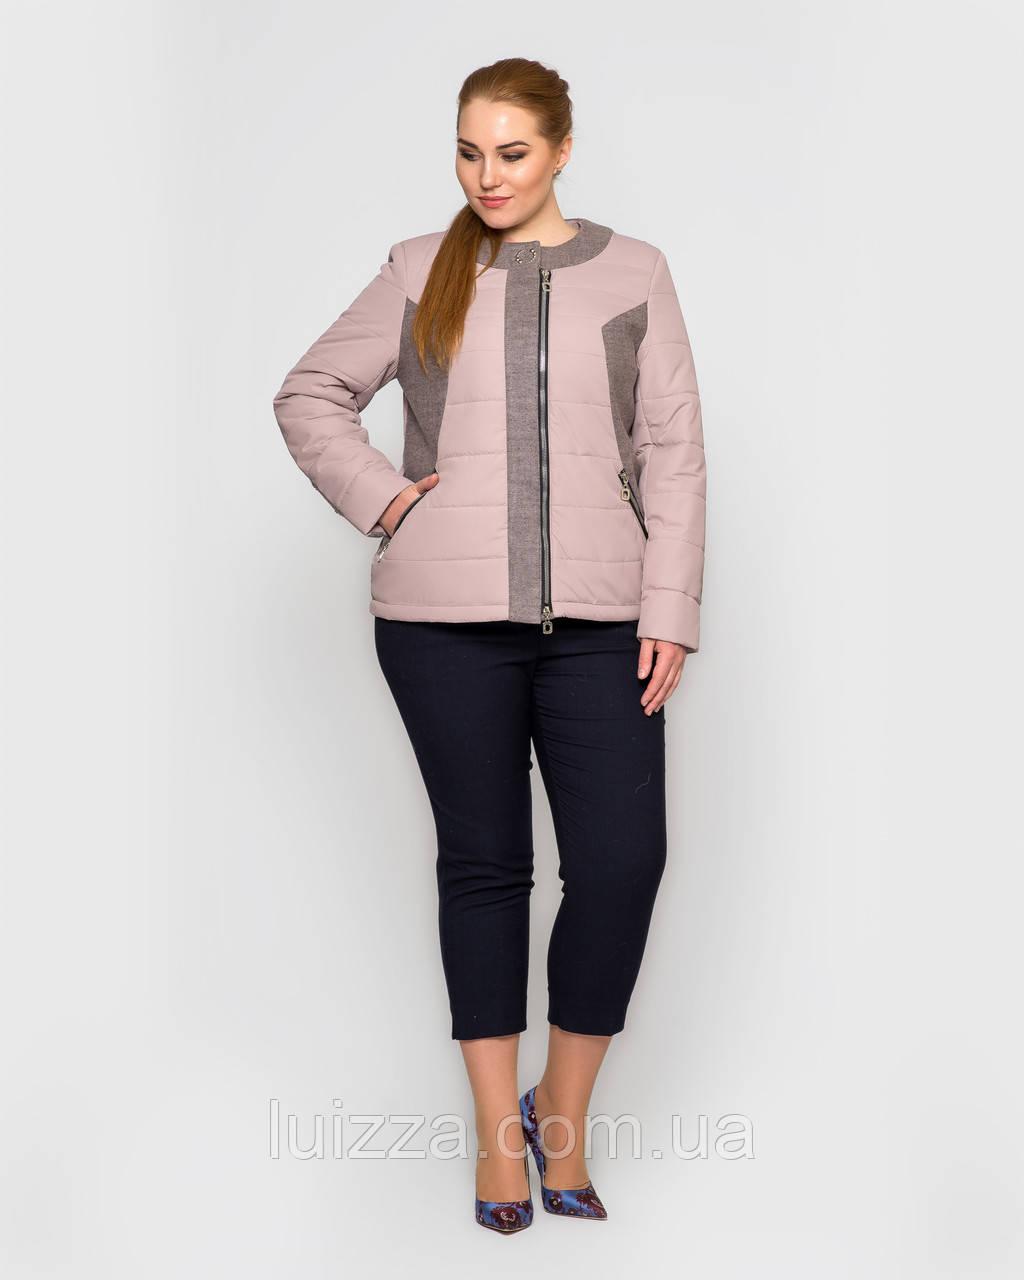 Женская демисезонная куртка с воротом Шанель 48-56рр, беж 54